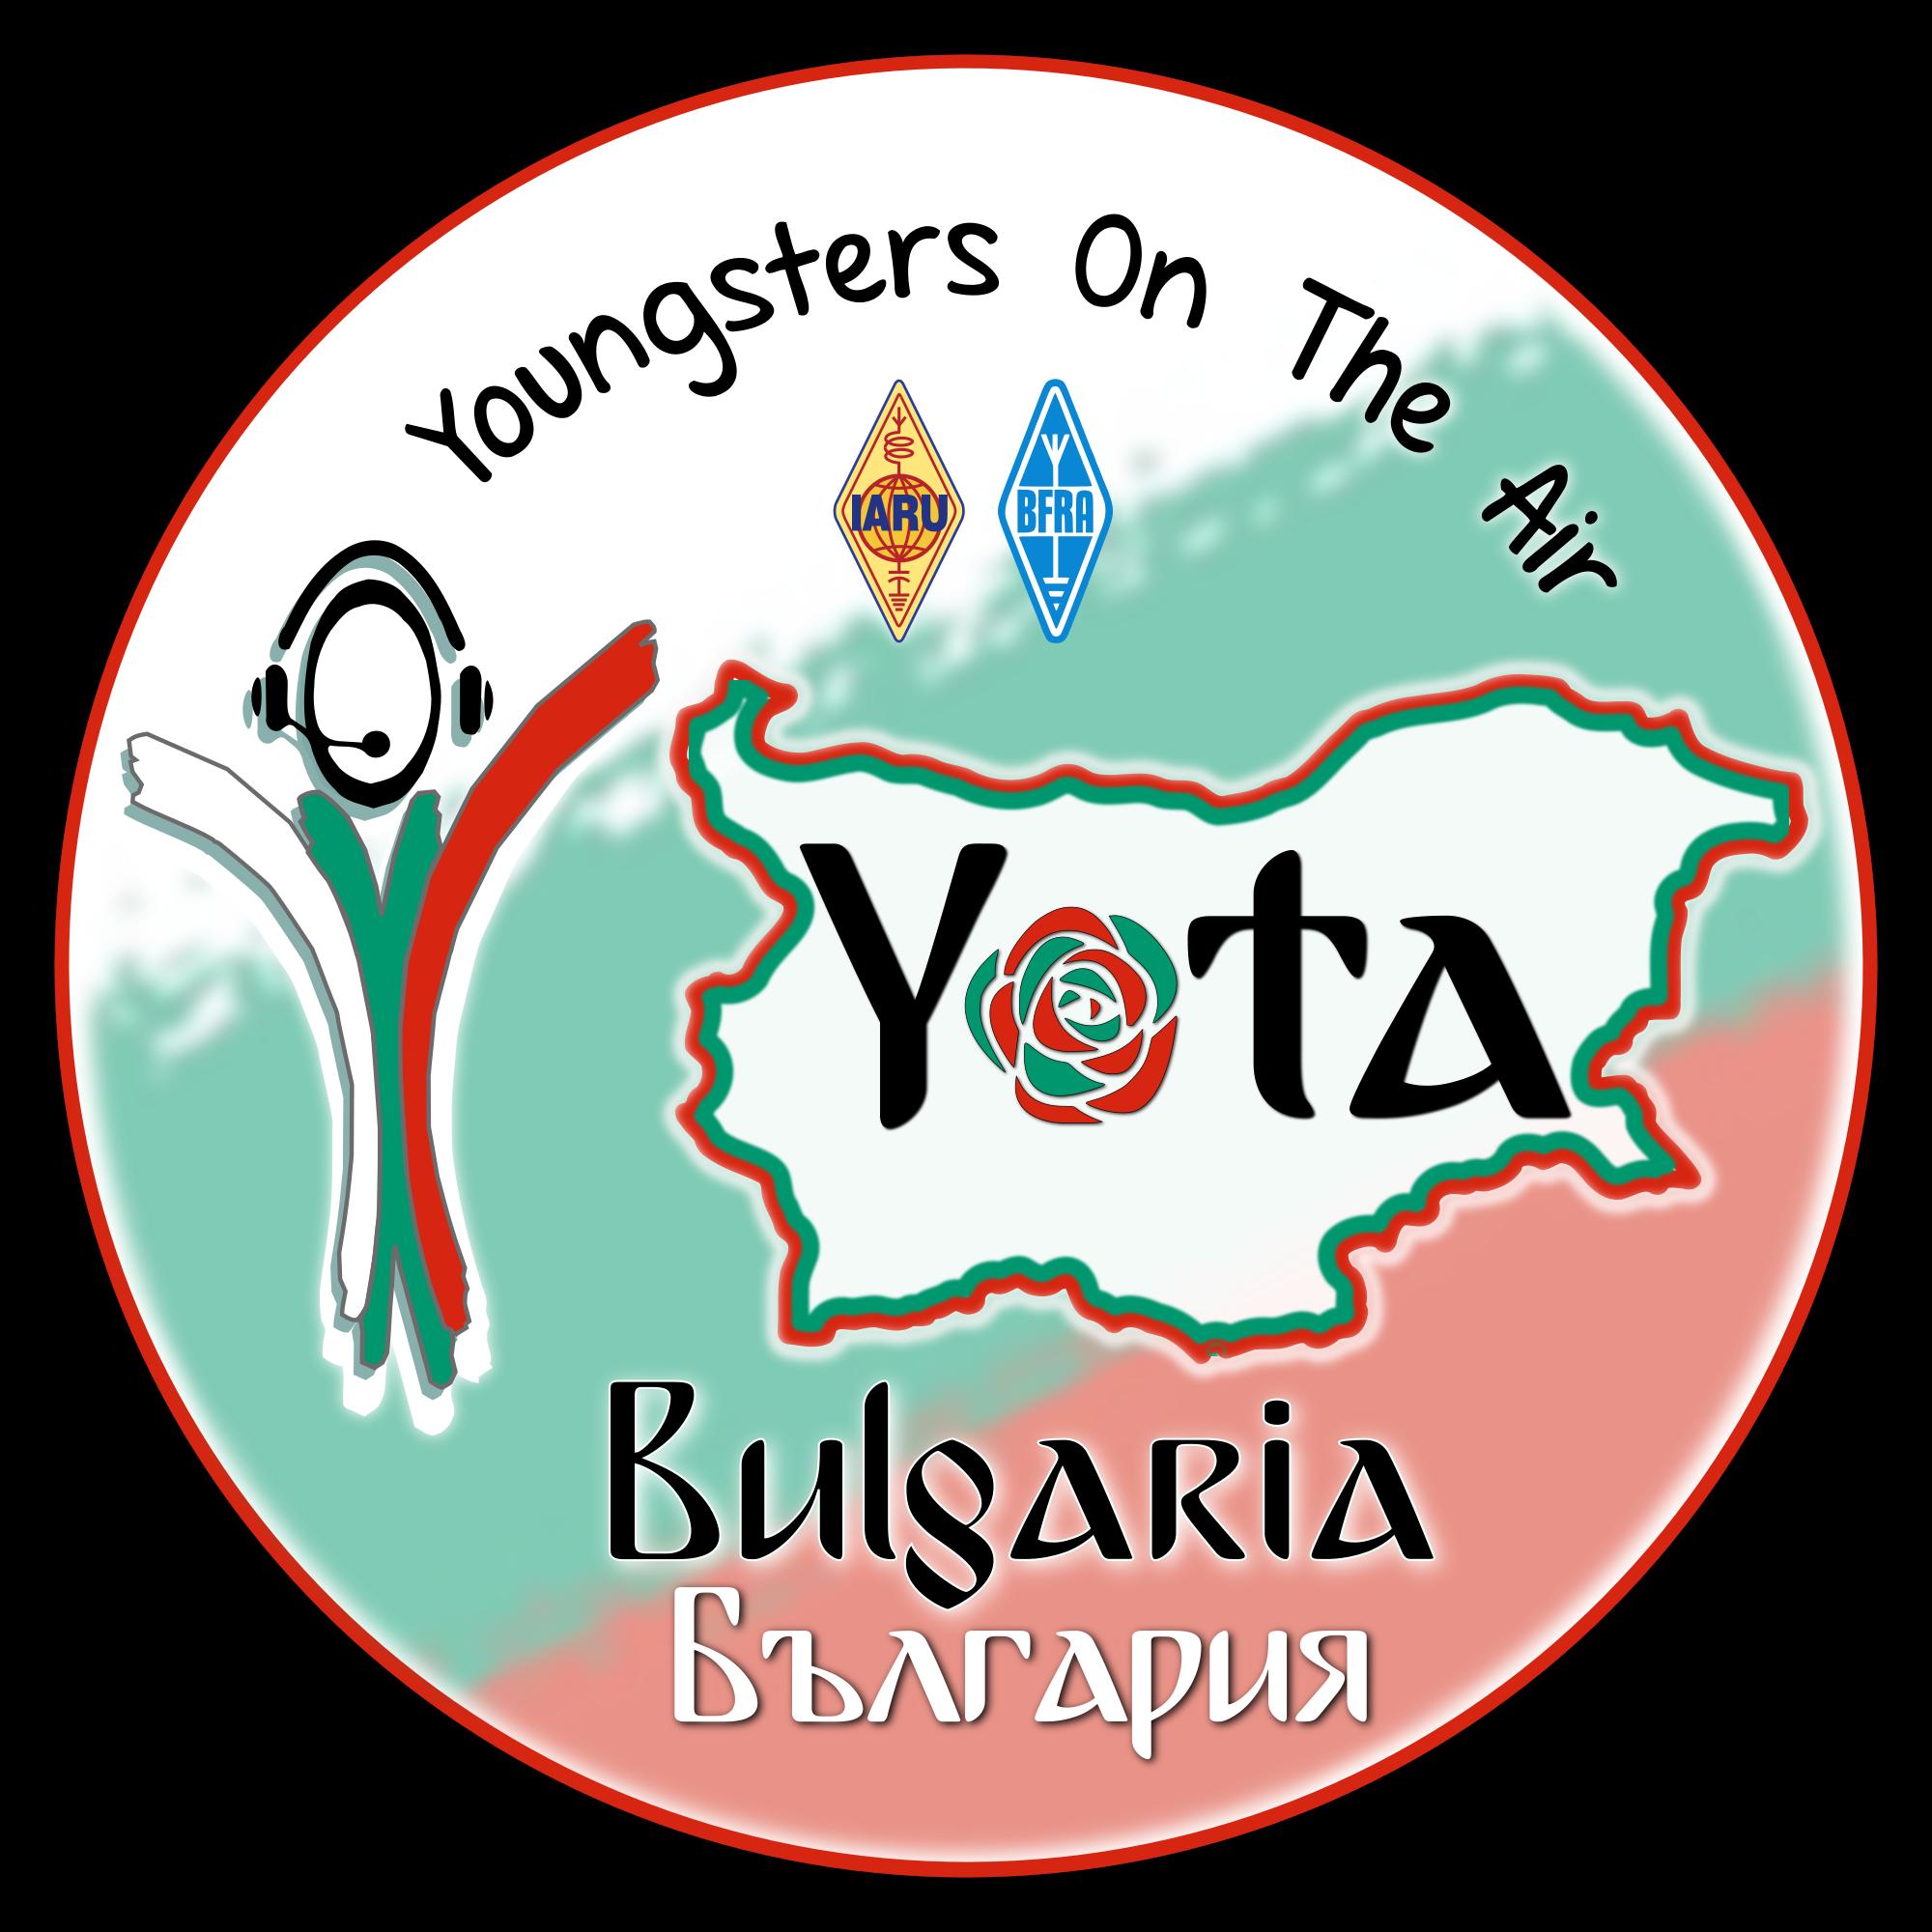 Partecipazione allo YOTA LZ 2019 – Bulgaria